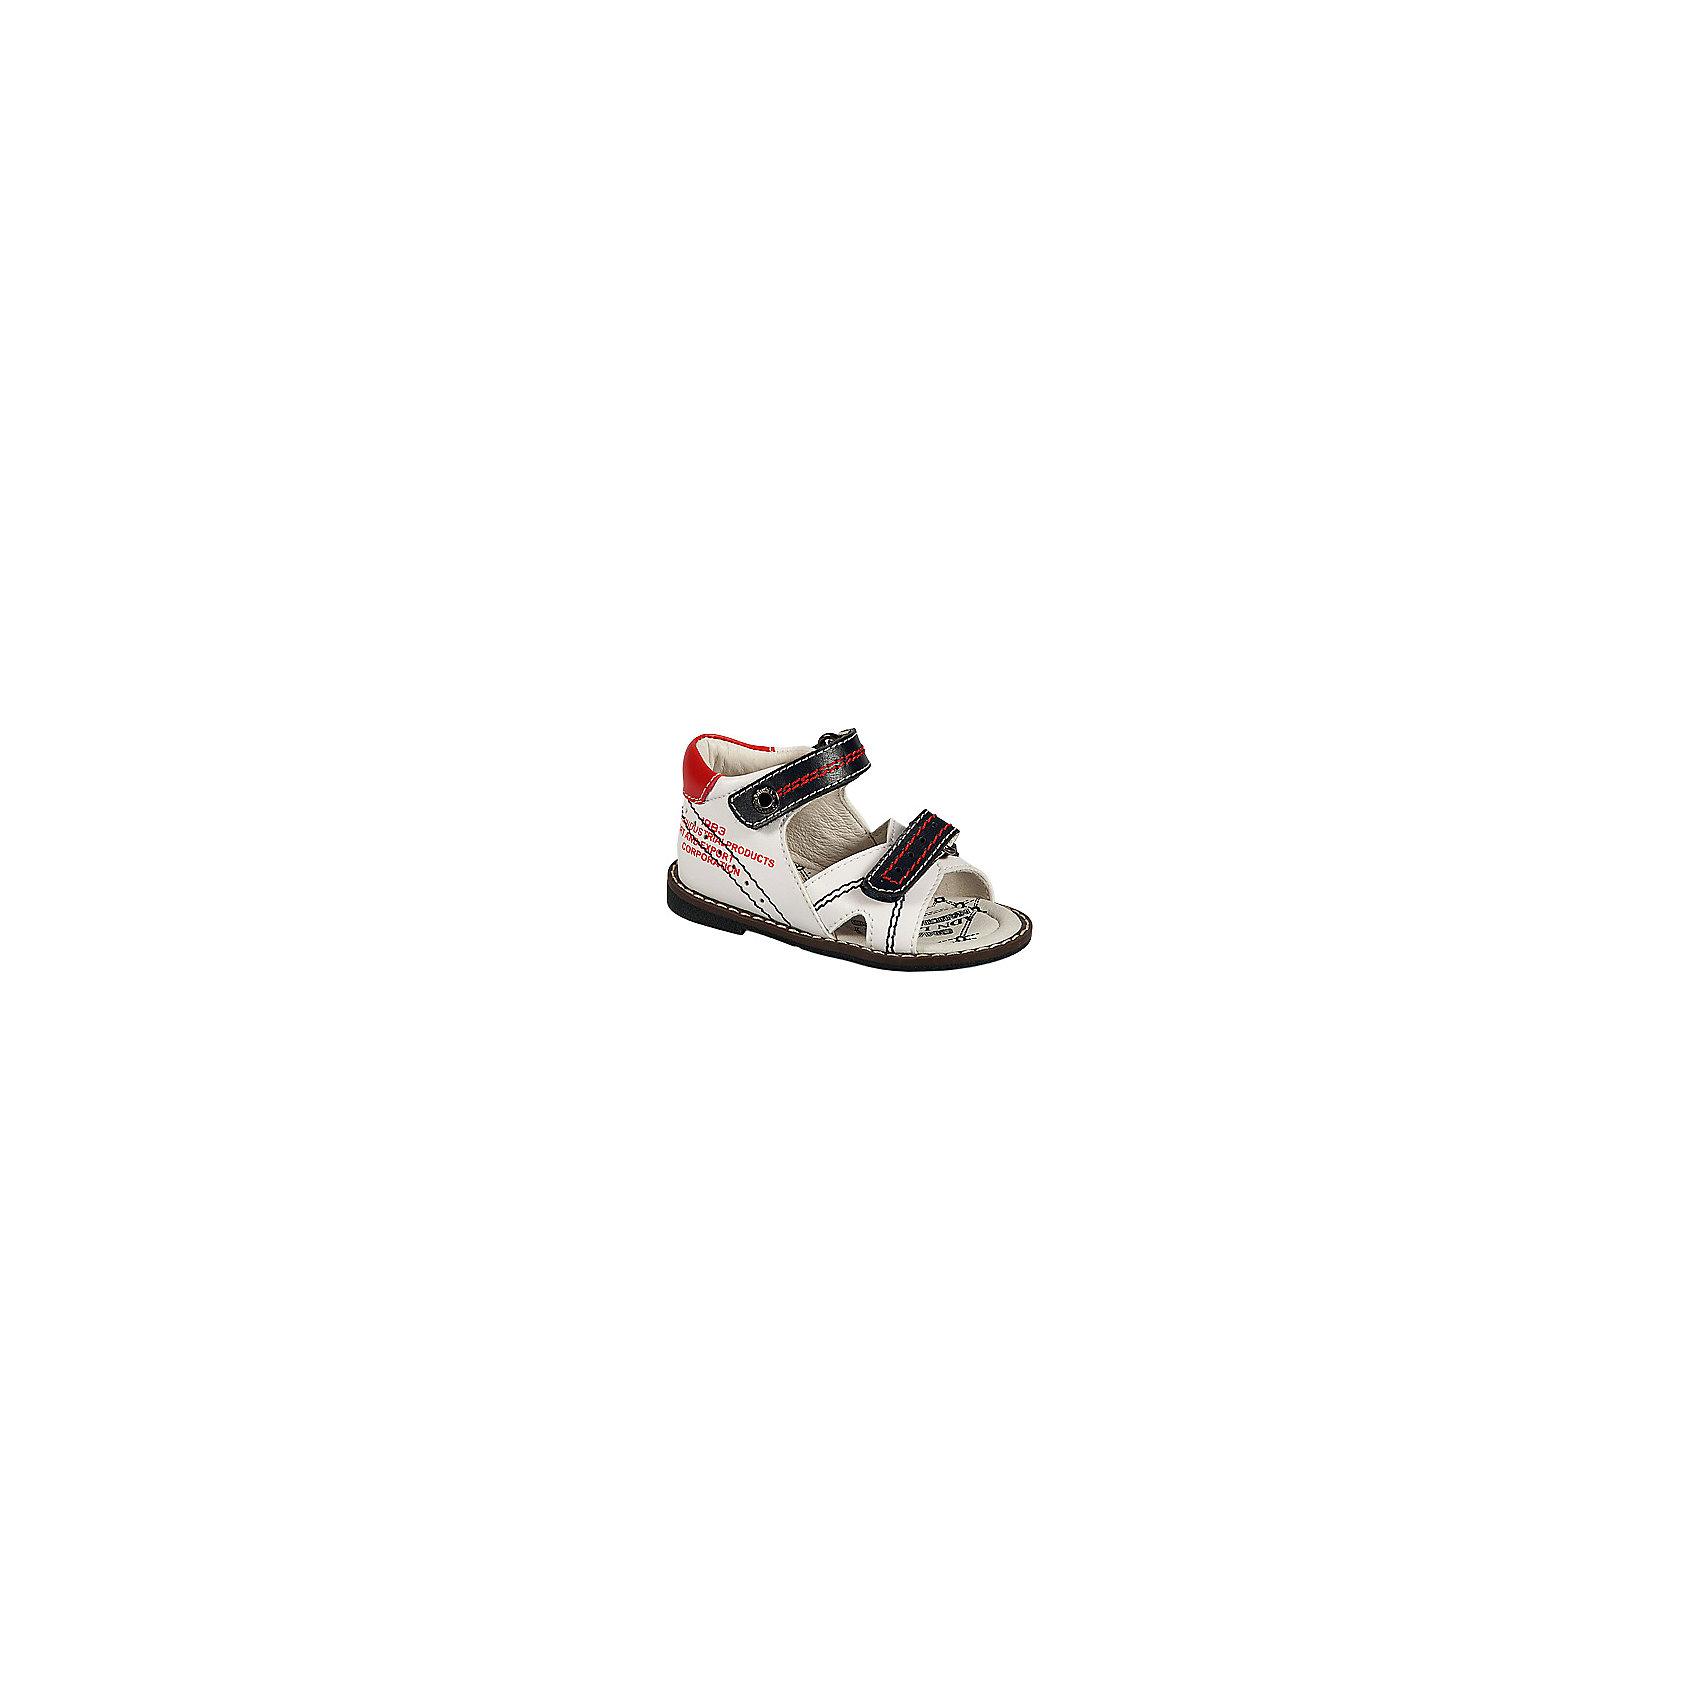 Сандалии для мальчика ЗебраСандалии для мальчика от известного российского бренда детской обуви Зебра.<br>Удобные легкие сандалии – это комфортная и практичная обувь. Они просто застегиваются благодаря липучке, отлично прилегают к ноге. Сделаны из натуральной кожи.<br>Отличительные особенности модели:<br>- модный дизайн;<br>- цвет белый, с черными и красными элементами;<br>- комфортная колодка;<br>- устойчивая износостойкая подошва;<br>- формованный жесткий задник;<br>- удобные застежки-липучки;<br>- мягкий верхний кант для предотвращения потертостей;<br>- материал – натуральная кожа.<br>Дополнительная информация:<br>- Температурный режим: от + 15° С  до + 35° С.<br>- Состав:<br>материал верха: натуральная кожа<br>материал подкладки: натуральная кожа<br>подошва: ТЭП.<br>Сандалии для мальчика от бренда Зебра можно купить в нашем магазине.<br><br>Ширина мм: 219<br>Глубина мм: 154<br>Высота мм: 121<br>Вес г: 343<br>Цвет: белый<br>Возраст от месяцев: 15<br>Возраст до месяцев: 18<br>Пол: Мужской<br>Возраст: Детский<br>Размер: 22,18,19,20,21,23<br>SKU: 4101386